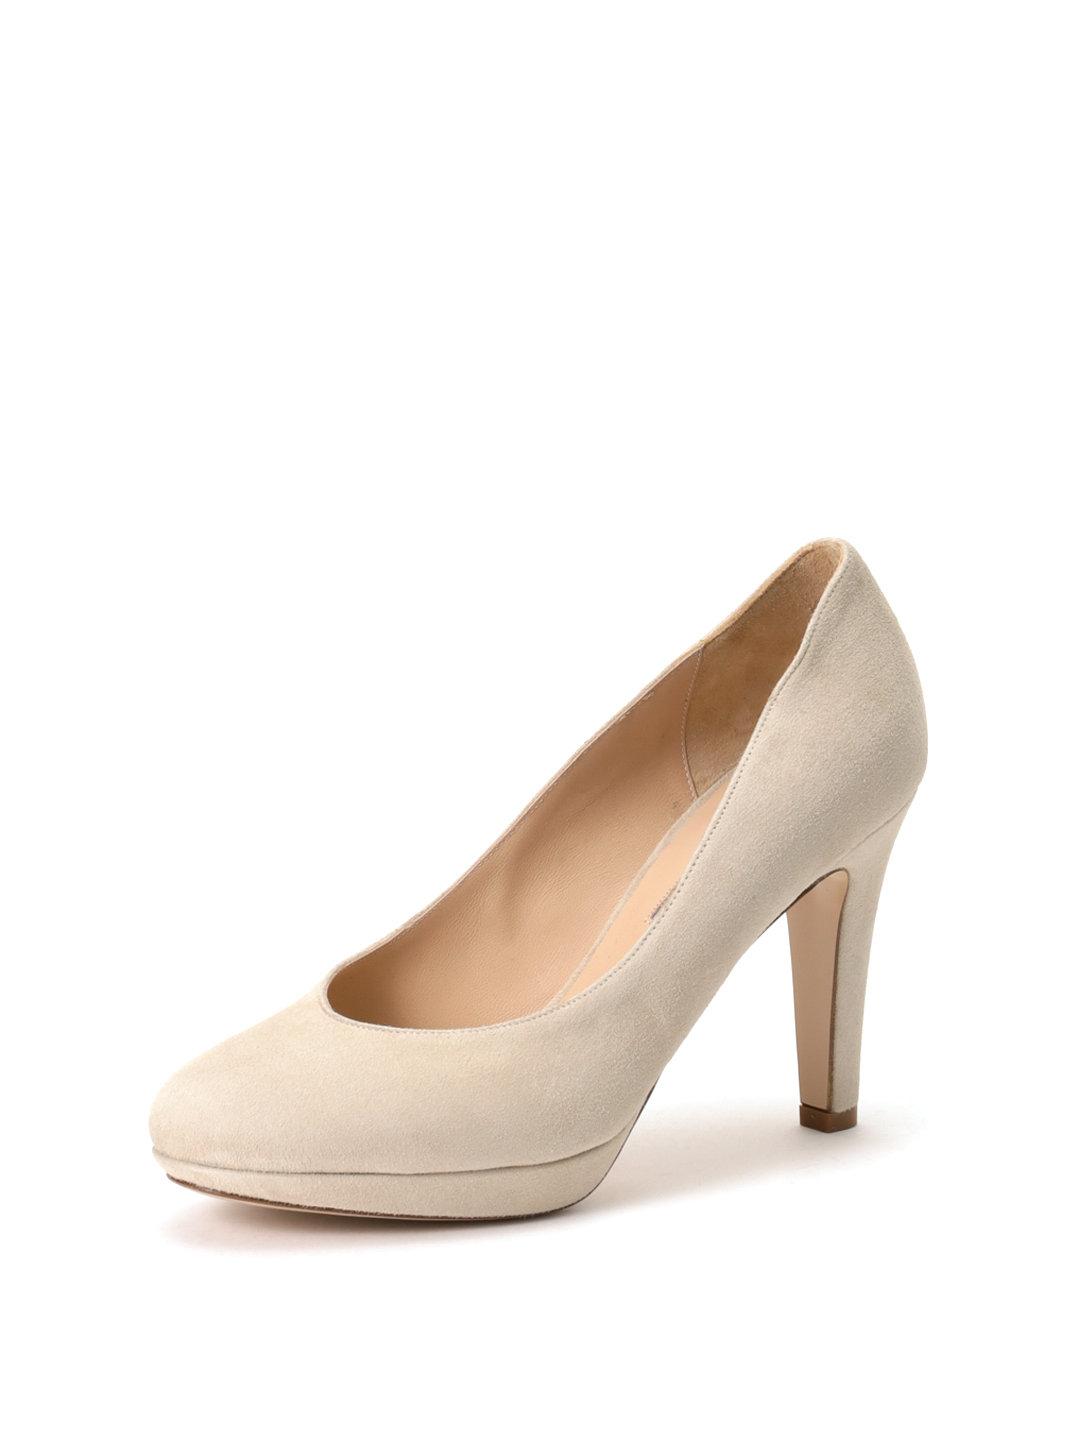 【72%OFF】レザー プラットフォーム パンプス ベージュスエード 36.5 ファッション > 靴~~レディースシューズ